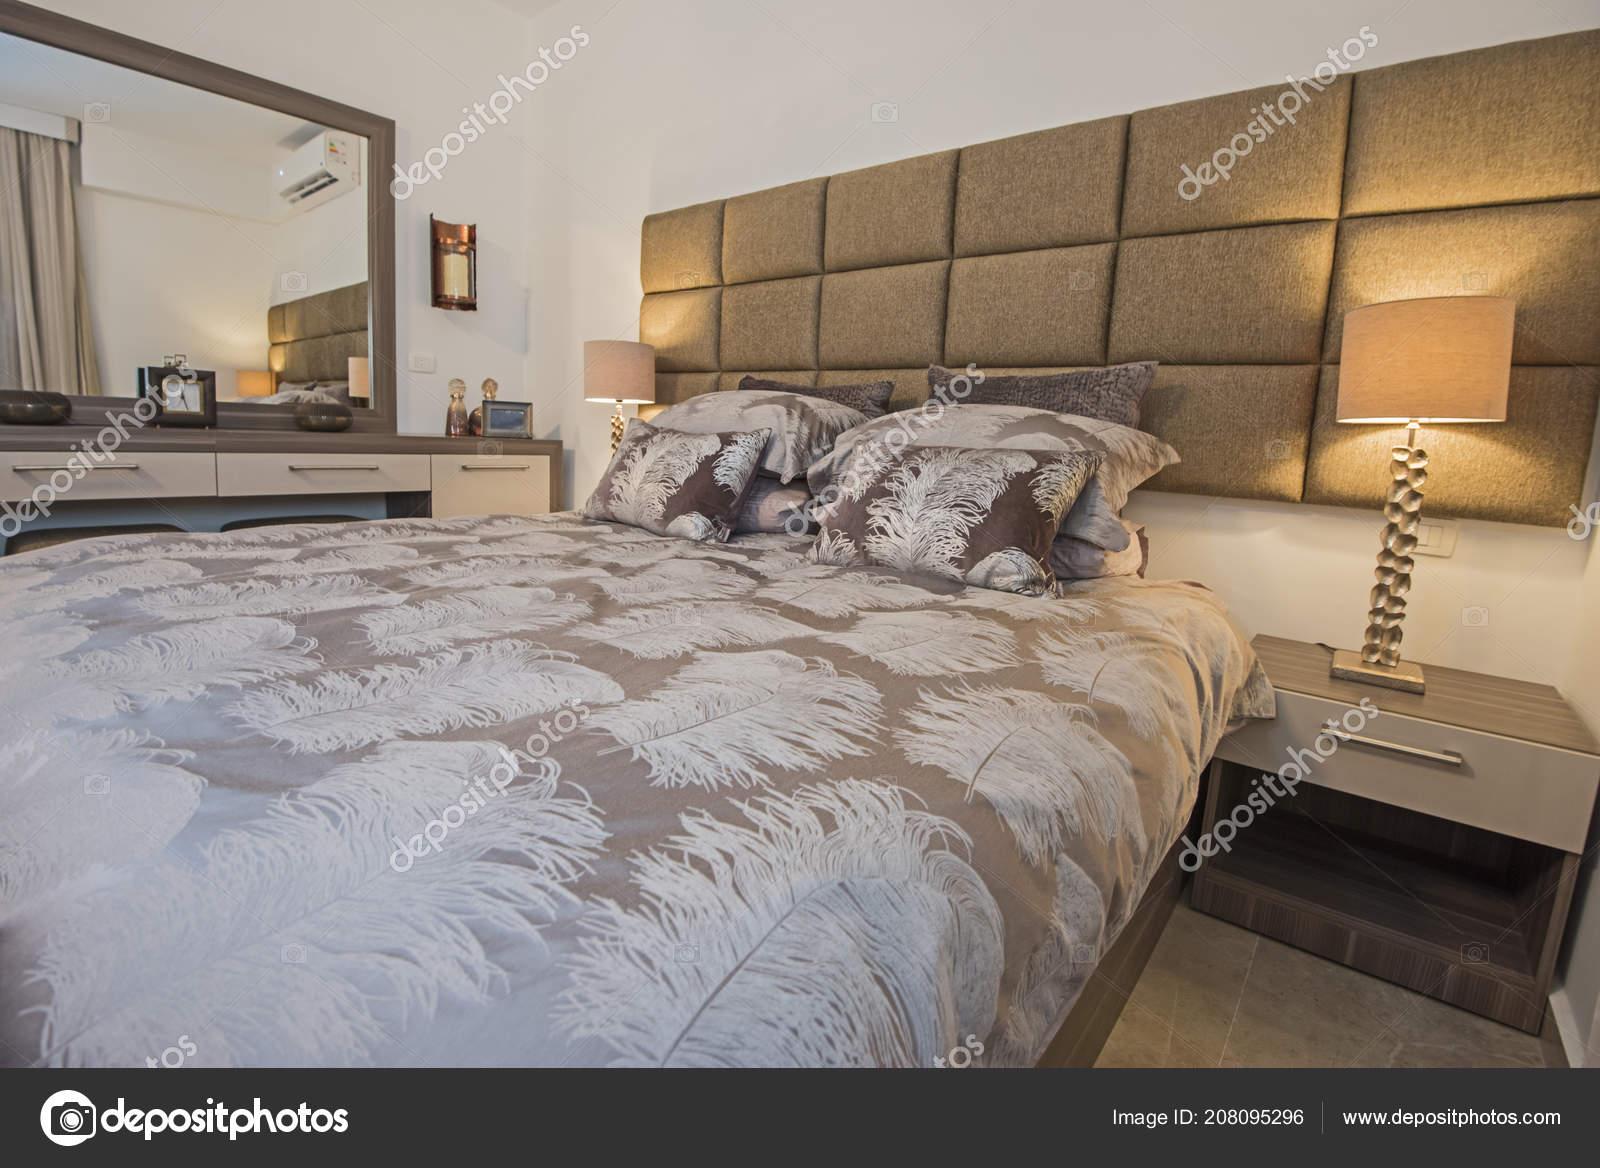 Slaapkamer Huis En Inrichting.Interieur Design Interieur Inrichting Van Luxe Toon Huis Slaapkamer